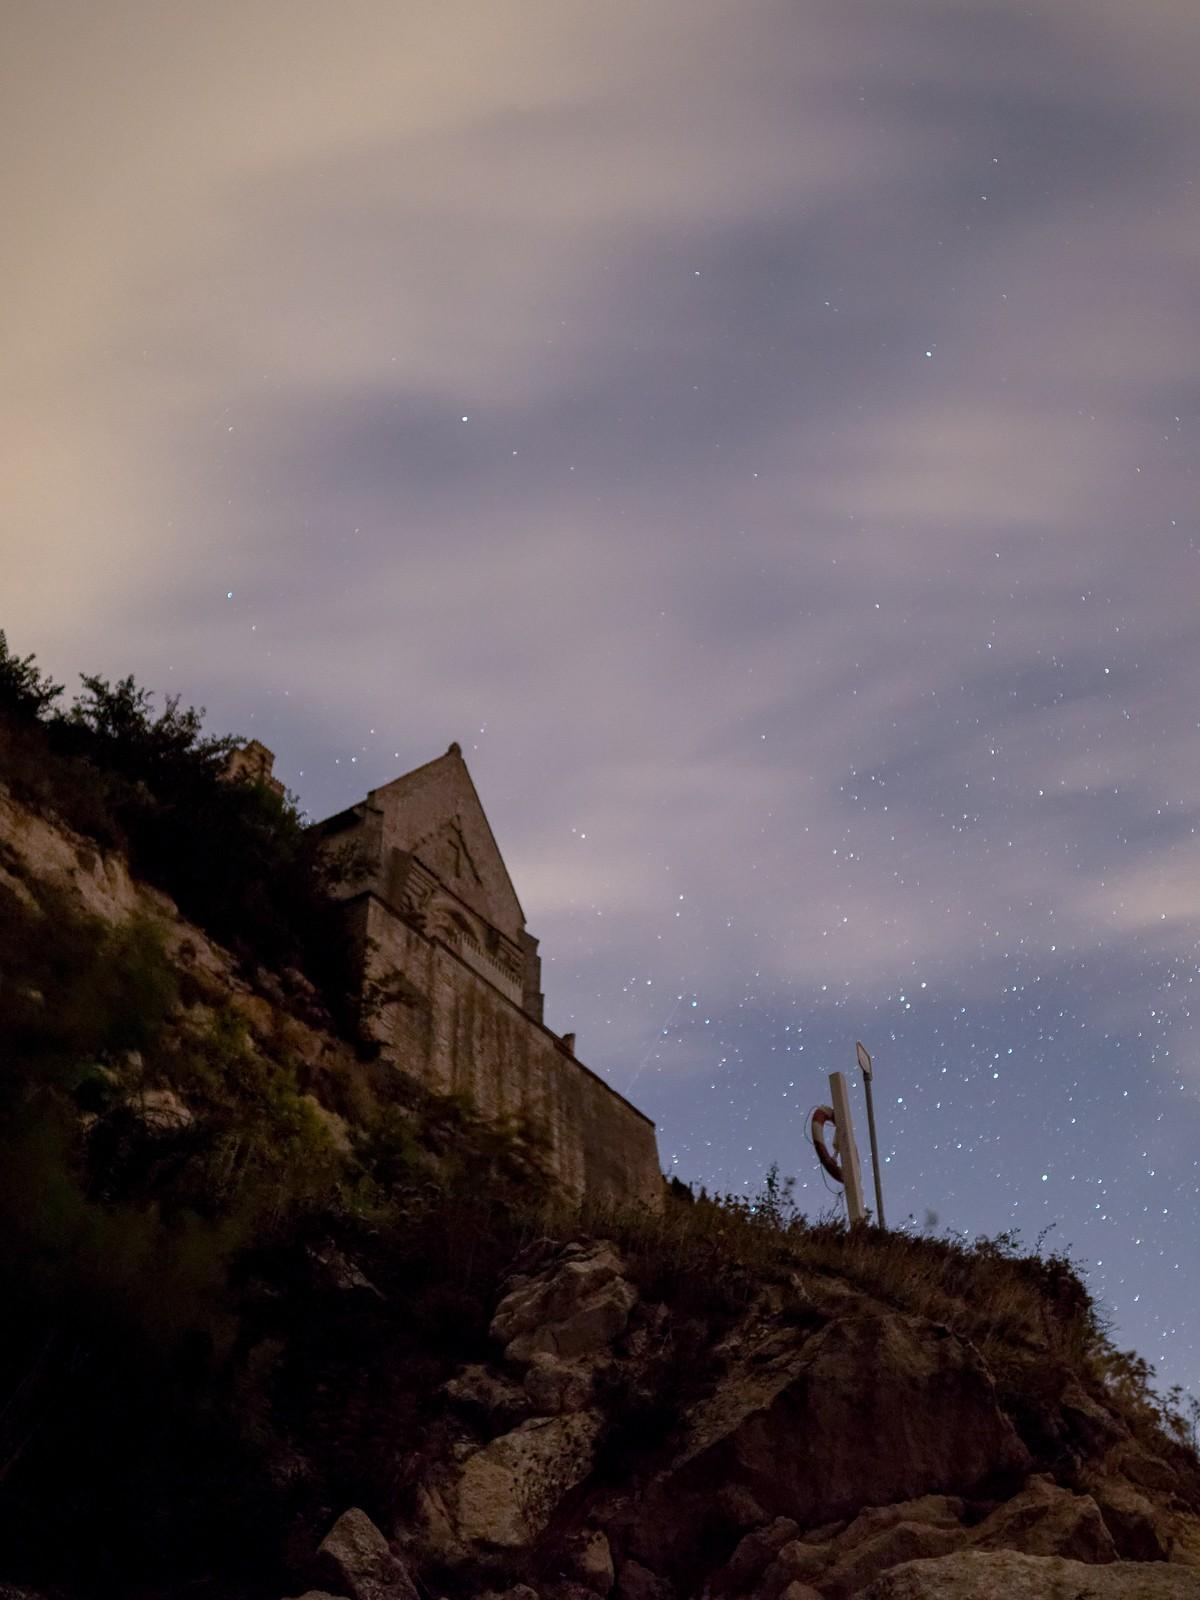 Højerup Kirke troner over Stevns Klint, der er skyer, men stjernene titter frem